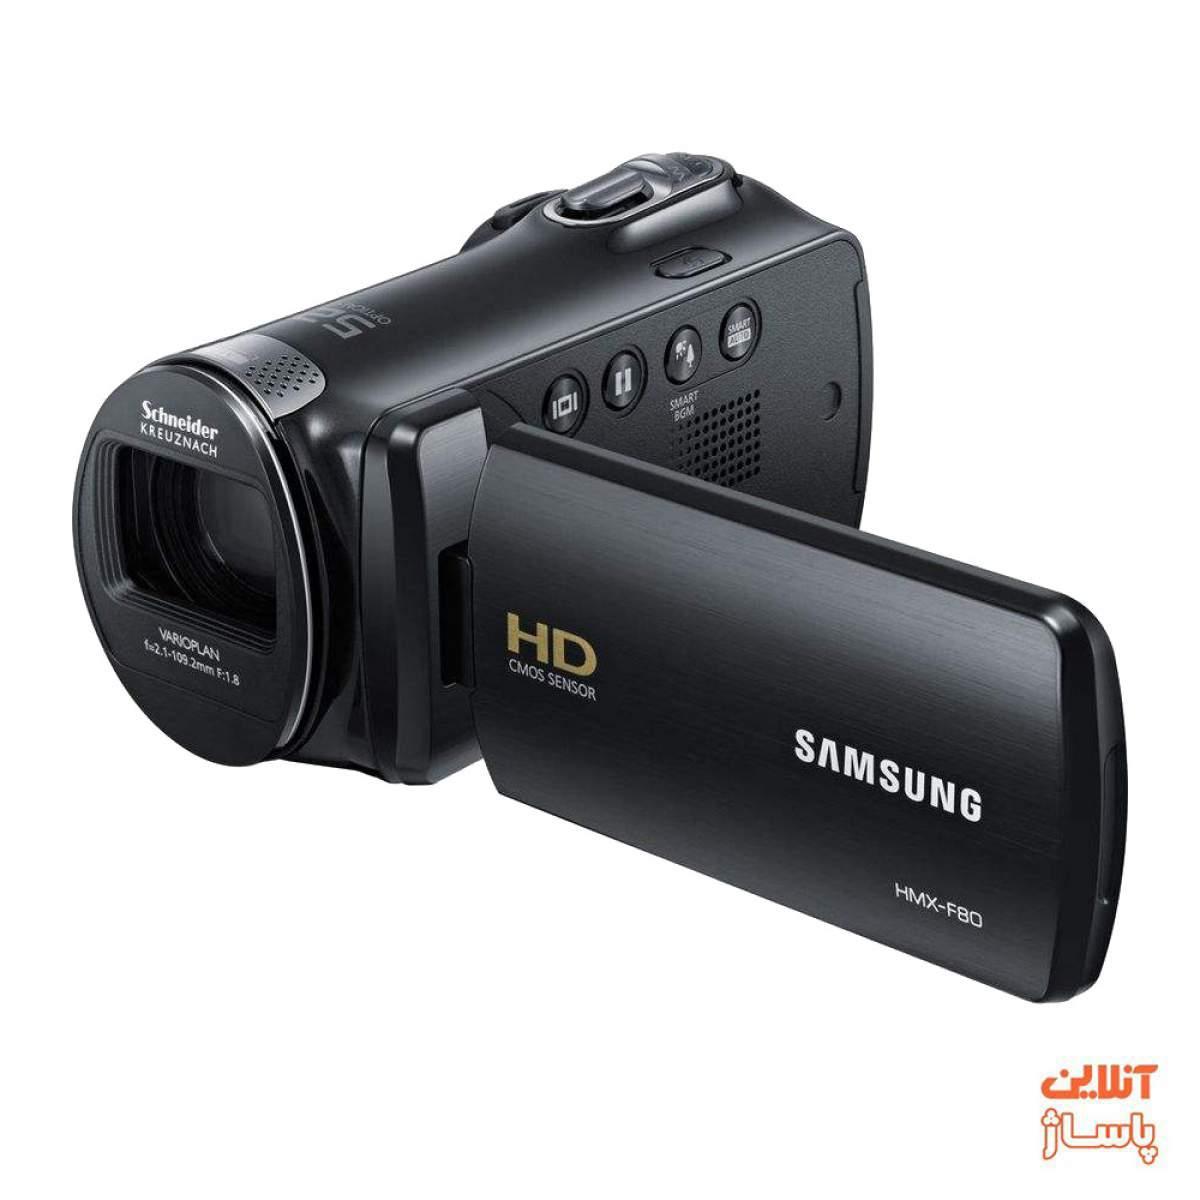 دوربین فیلمبرداری سامسونگ مدل HMX-F80